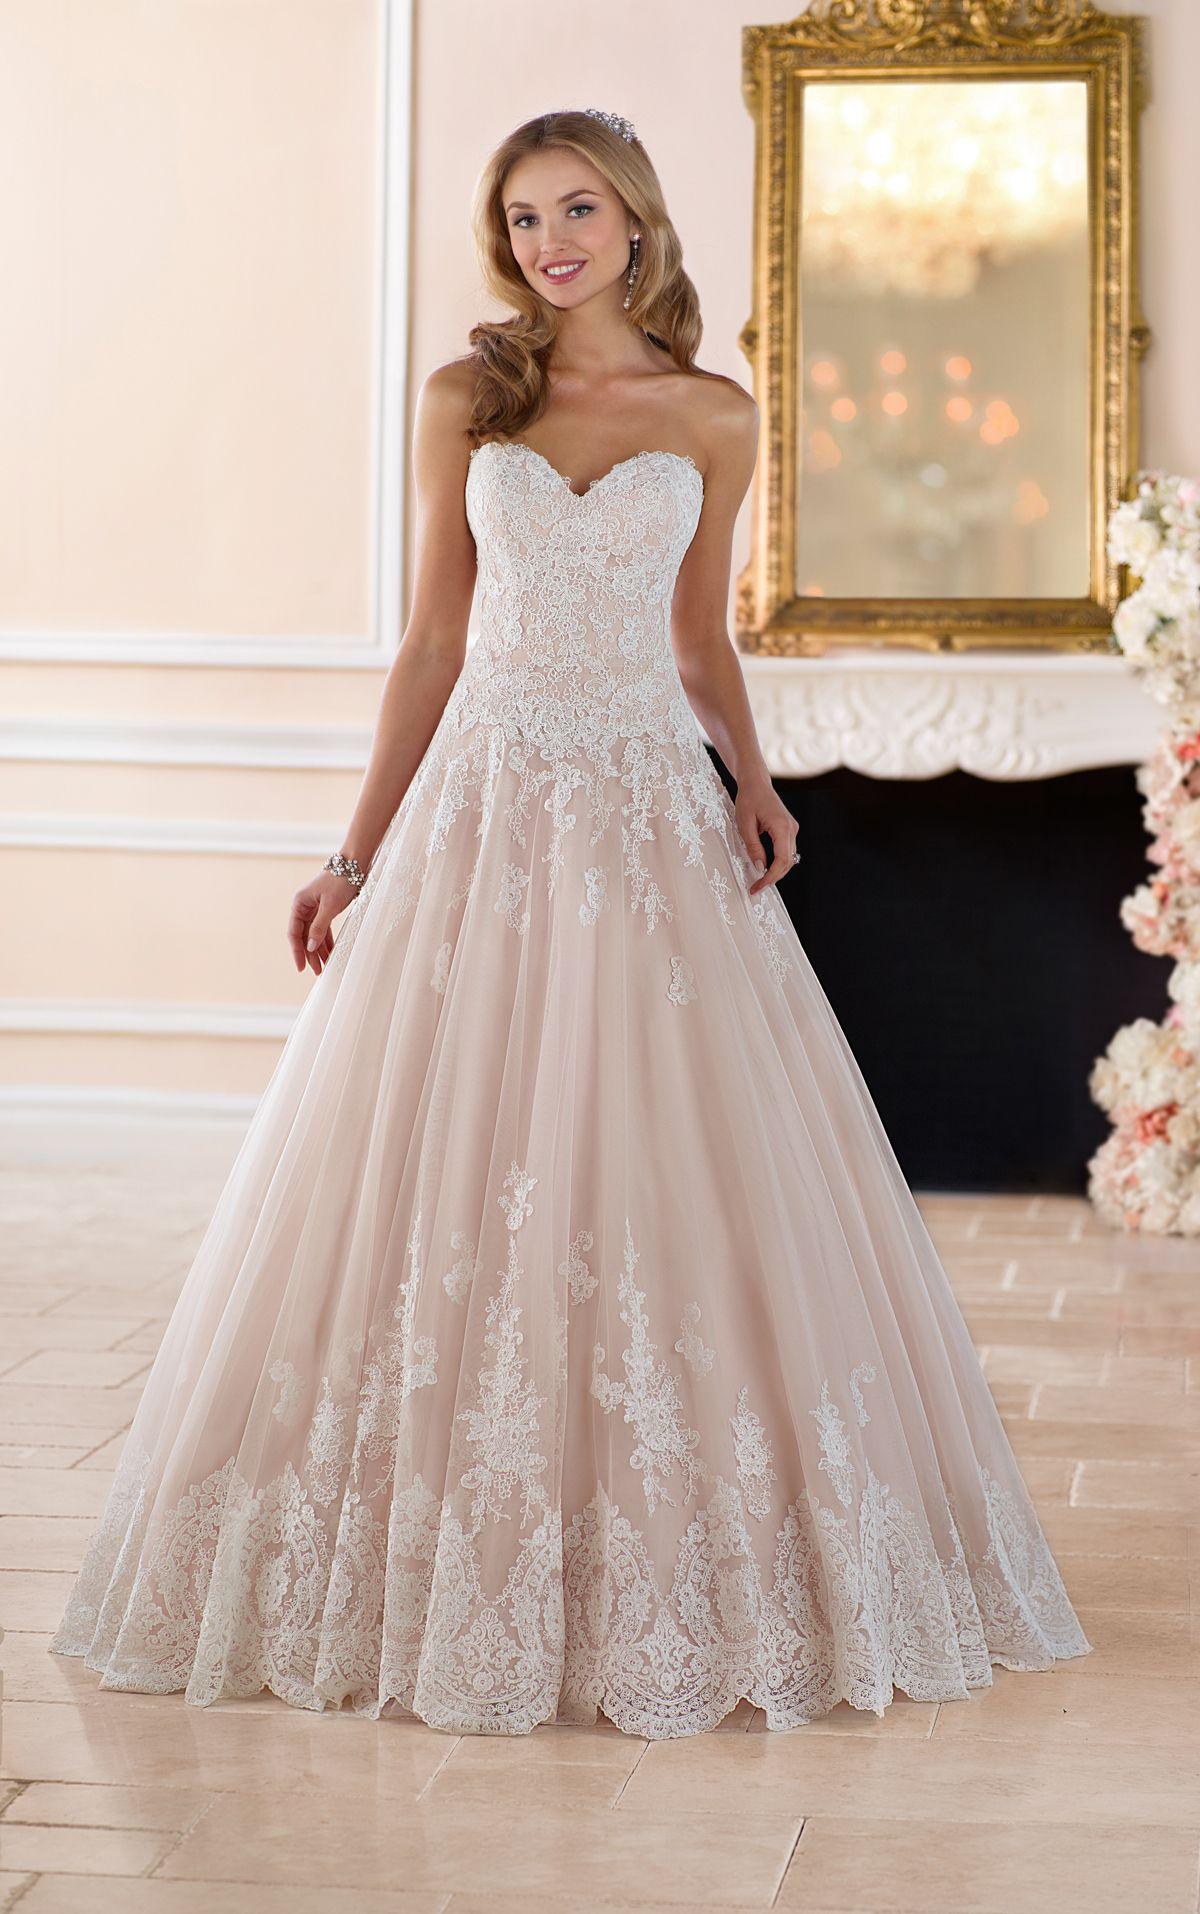 Romantisches Prinzessin Brautkleid Mit Saum Aus Kordelspitze